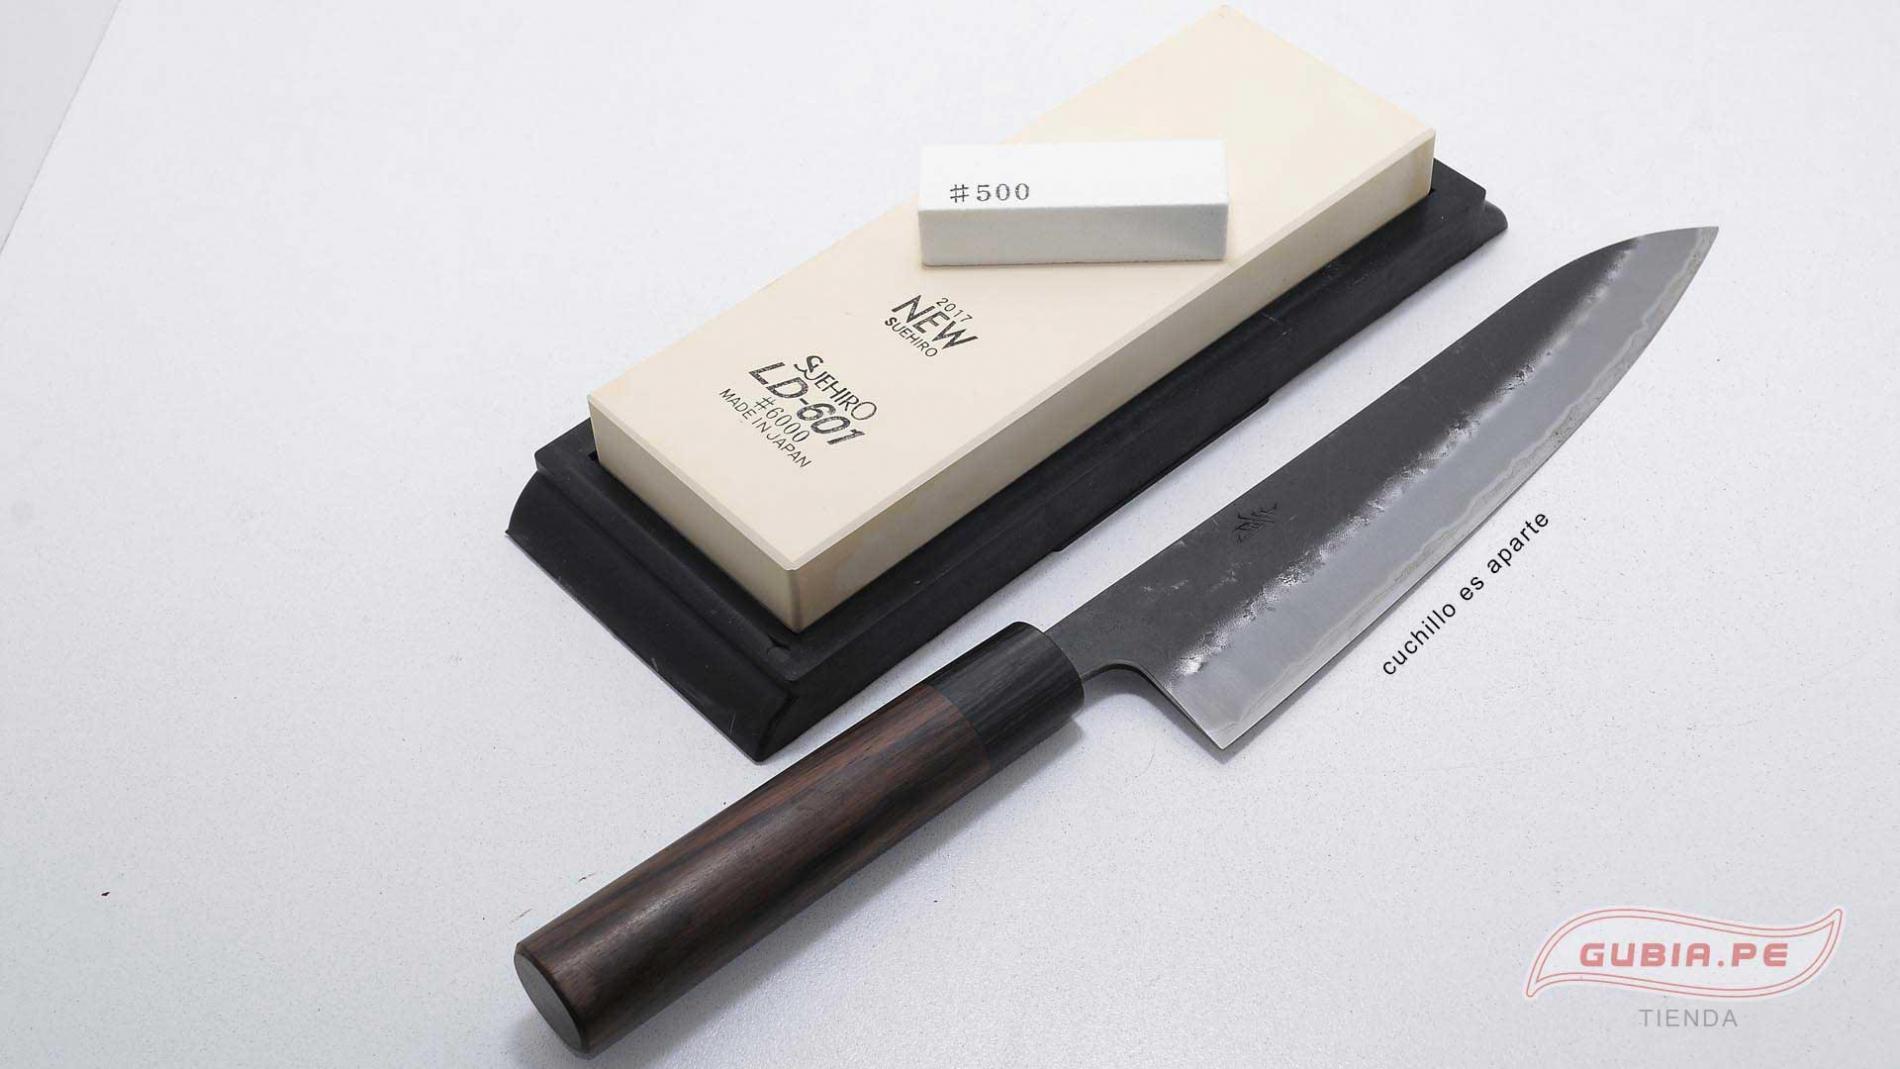 LD-601-Piedra de asentar 6000 pulir filo de cuchillos SUEHIRO Debado LD-601-max-1.